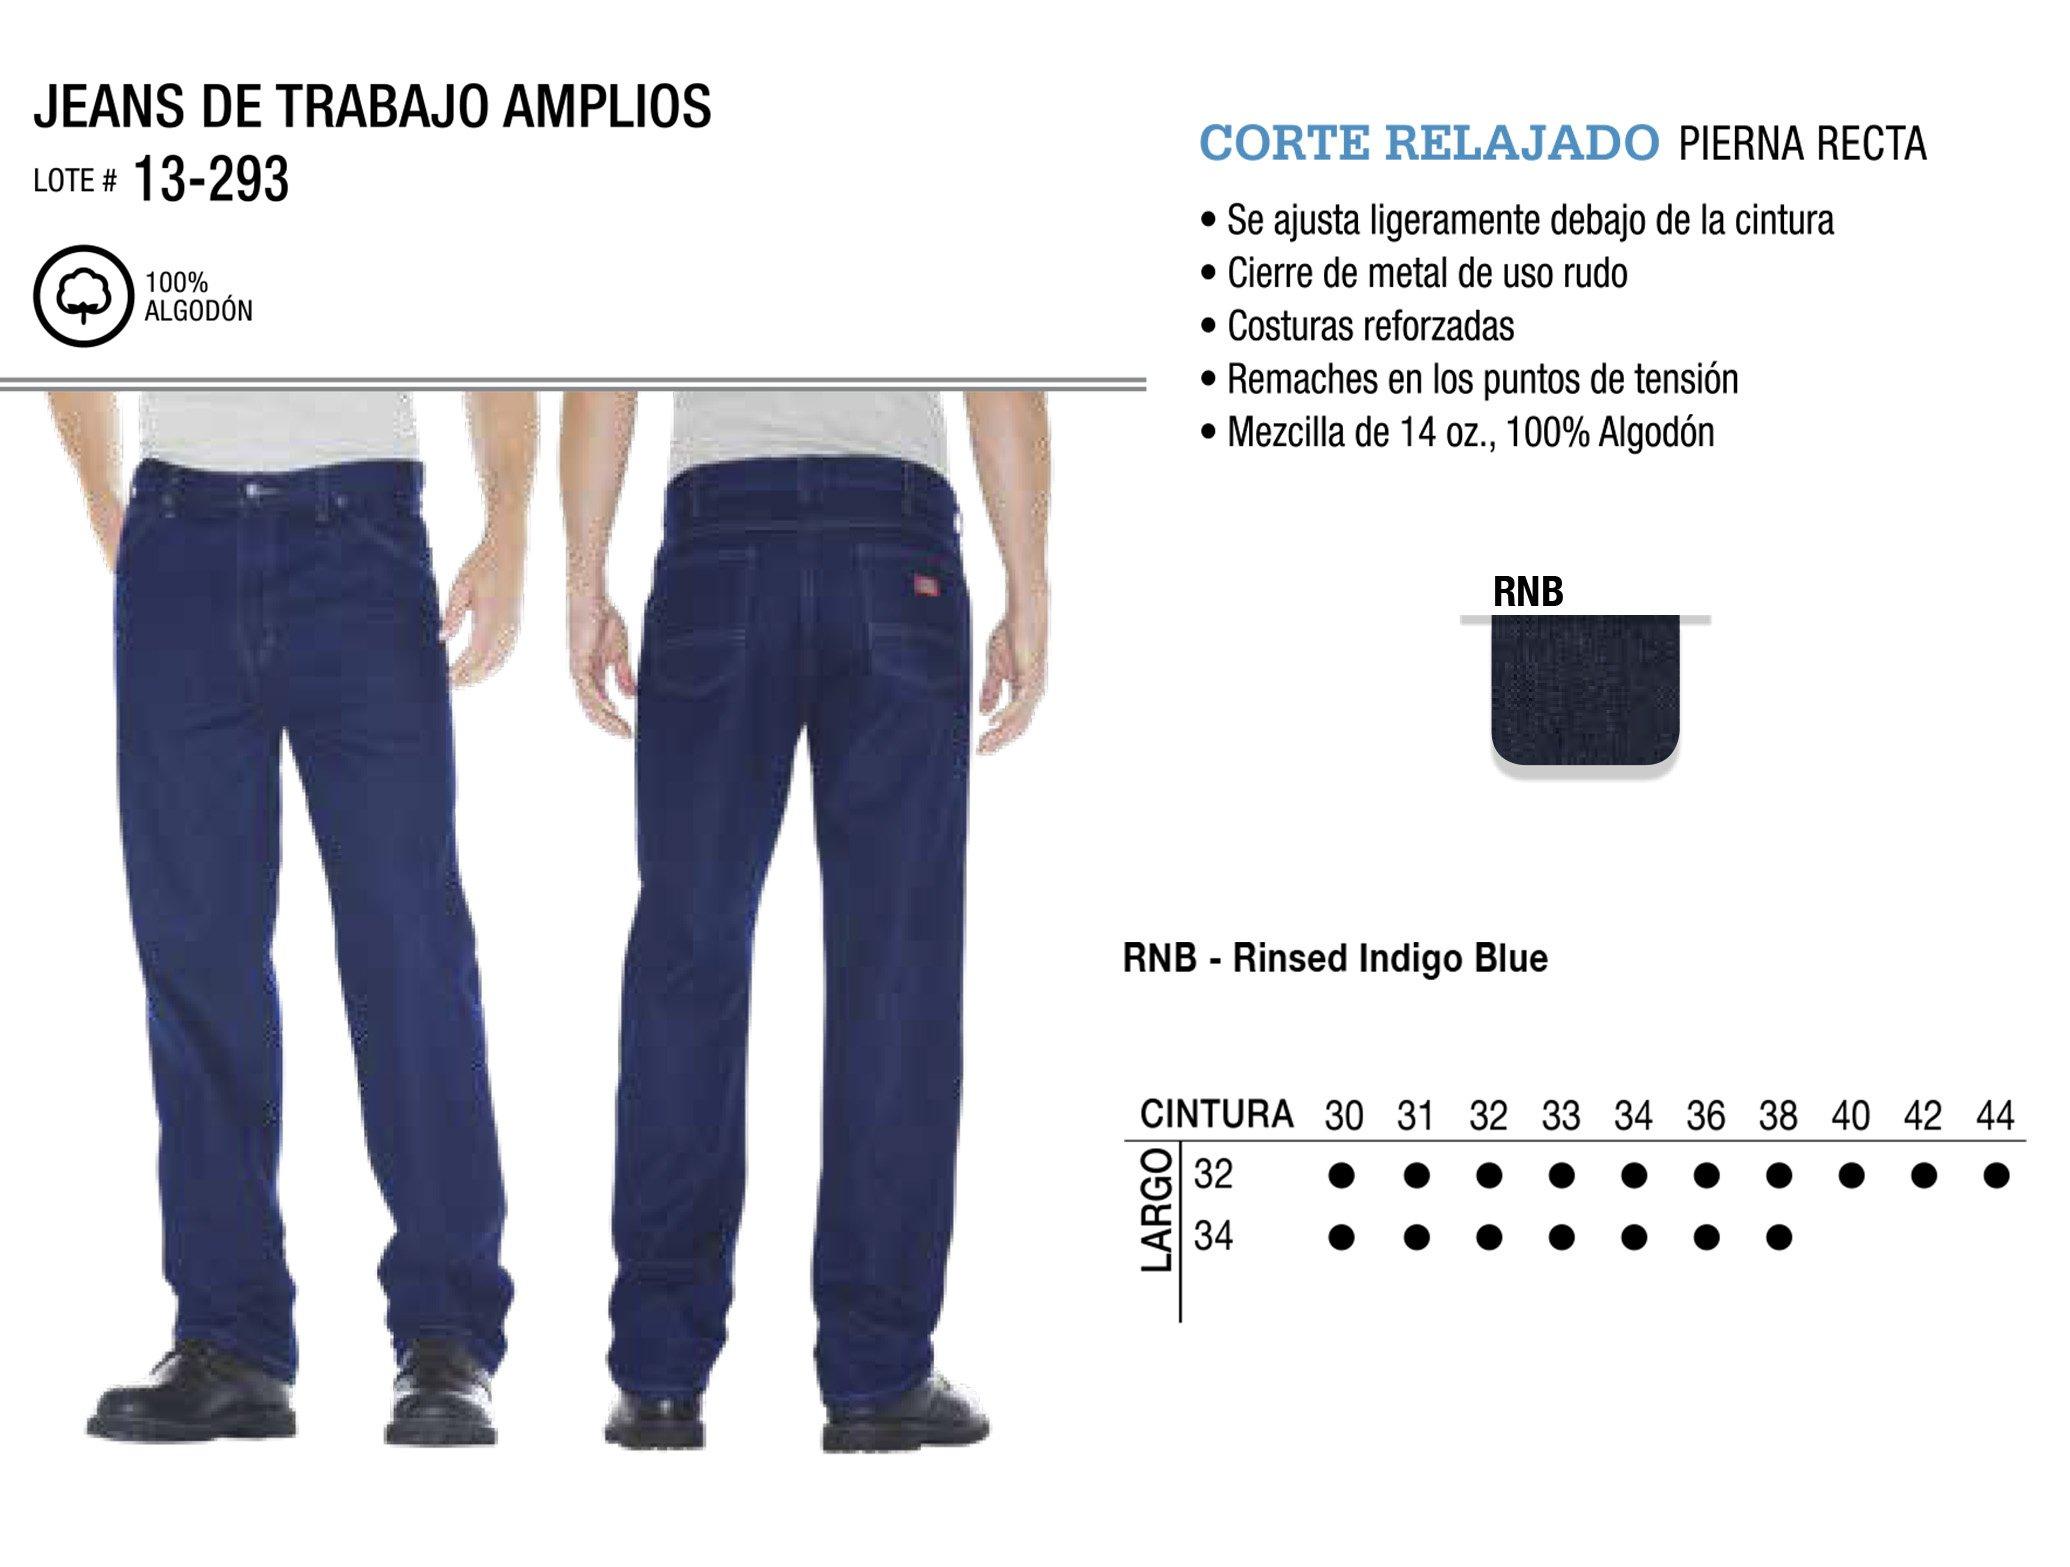 Jeans de Trabajo Amplios. Corte Relajado. 13-293.